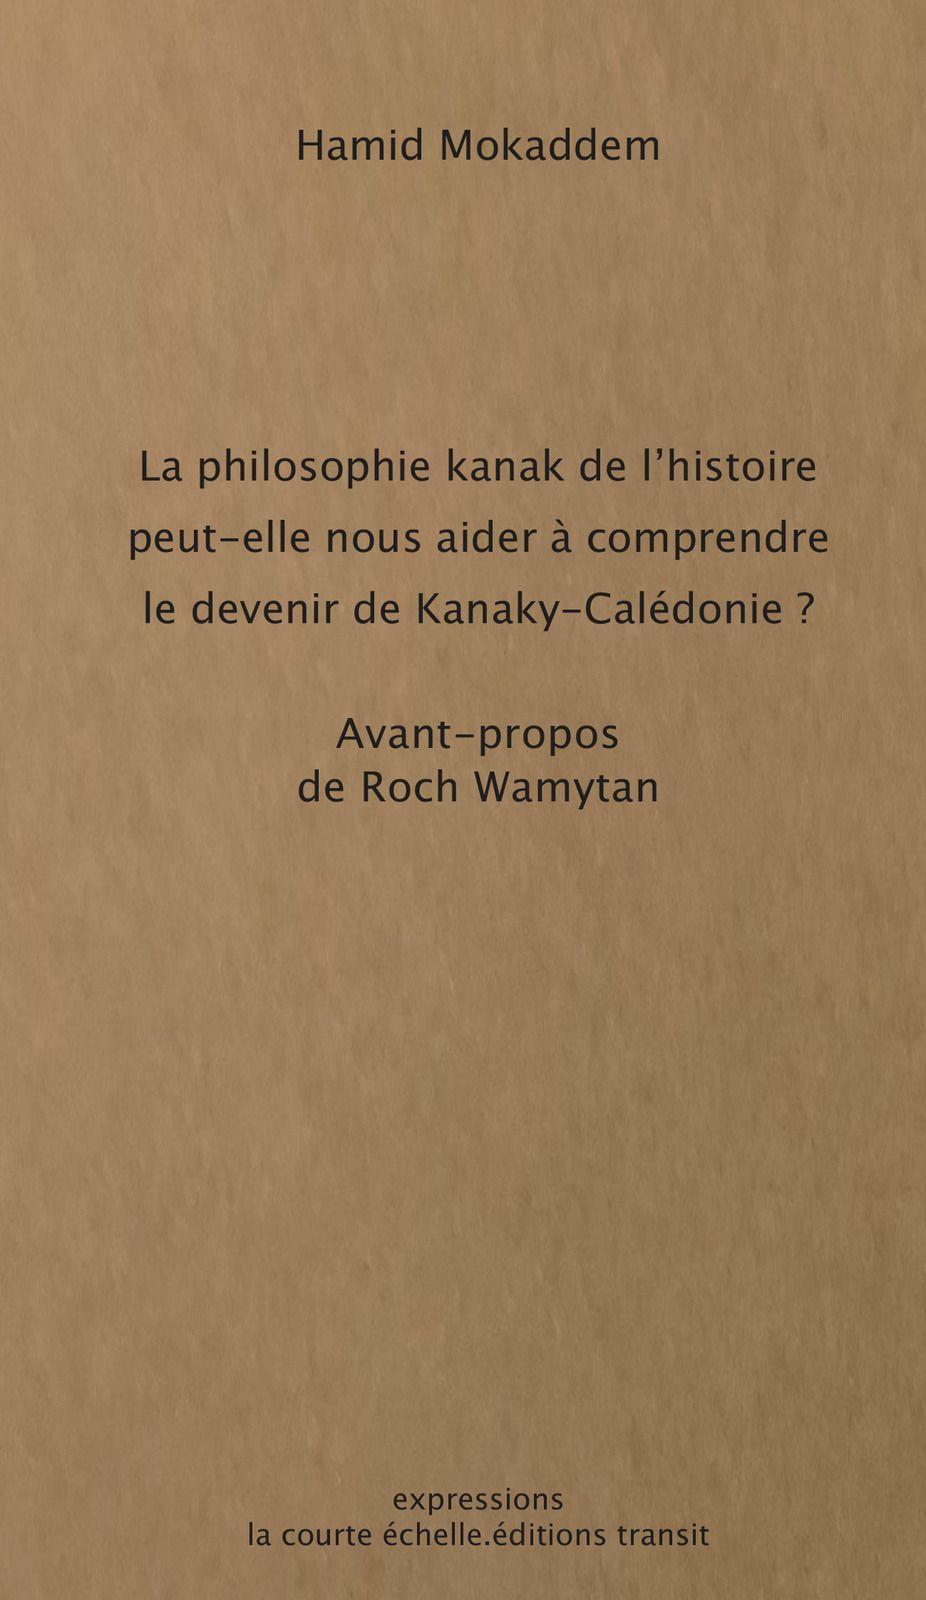 La philosophie kanak de l'histoire peut-elle nous aider à comprendre le devenir de Kanaky-Calédonie ?